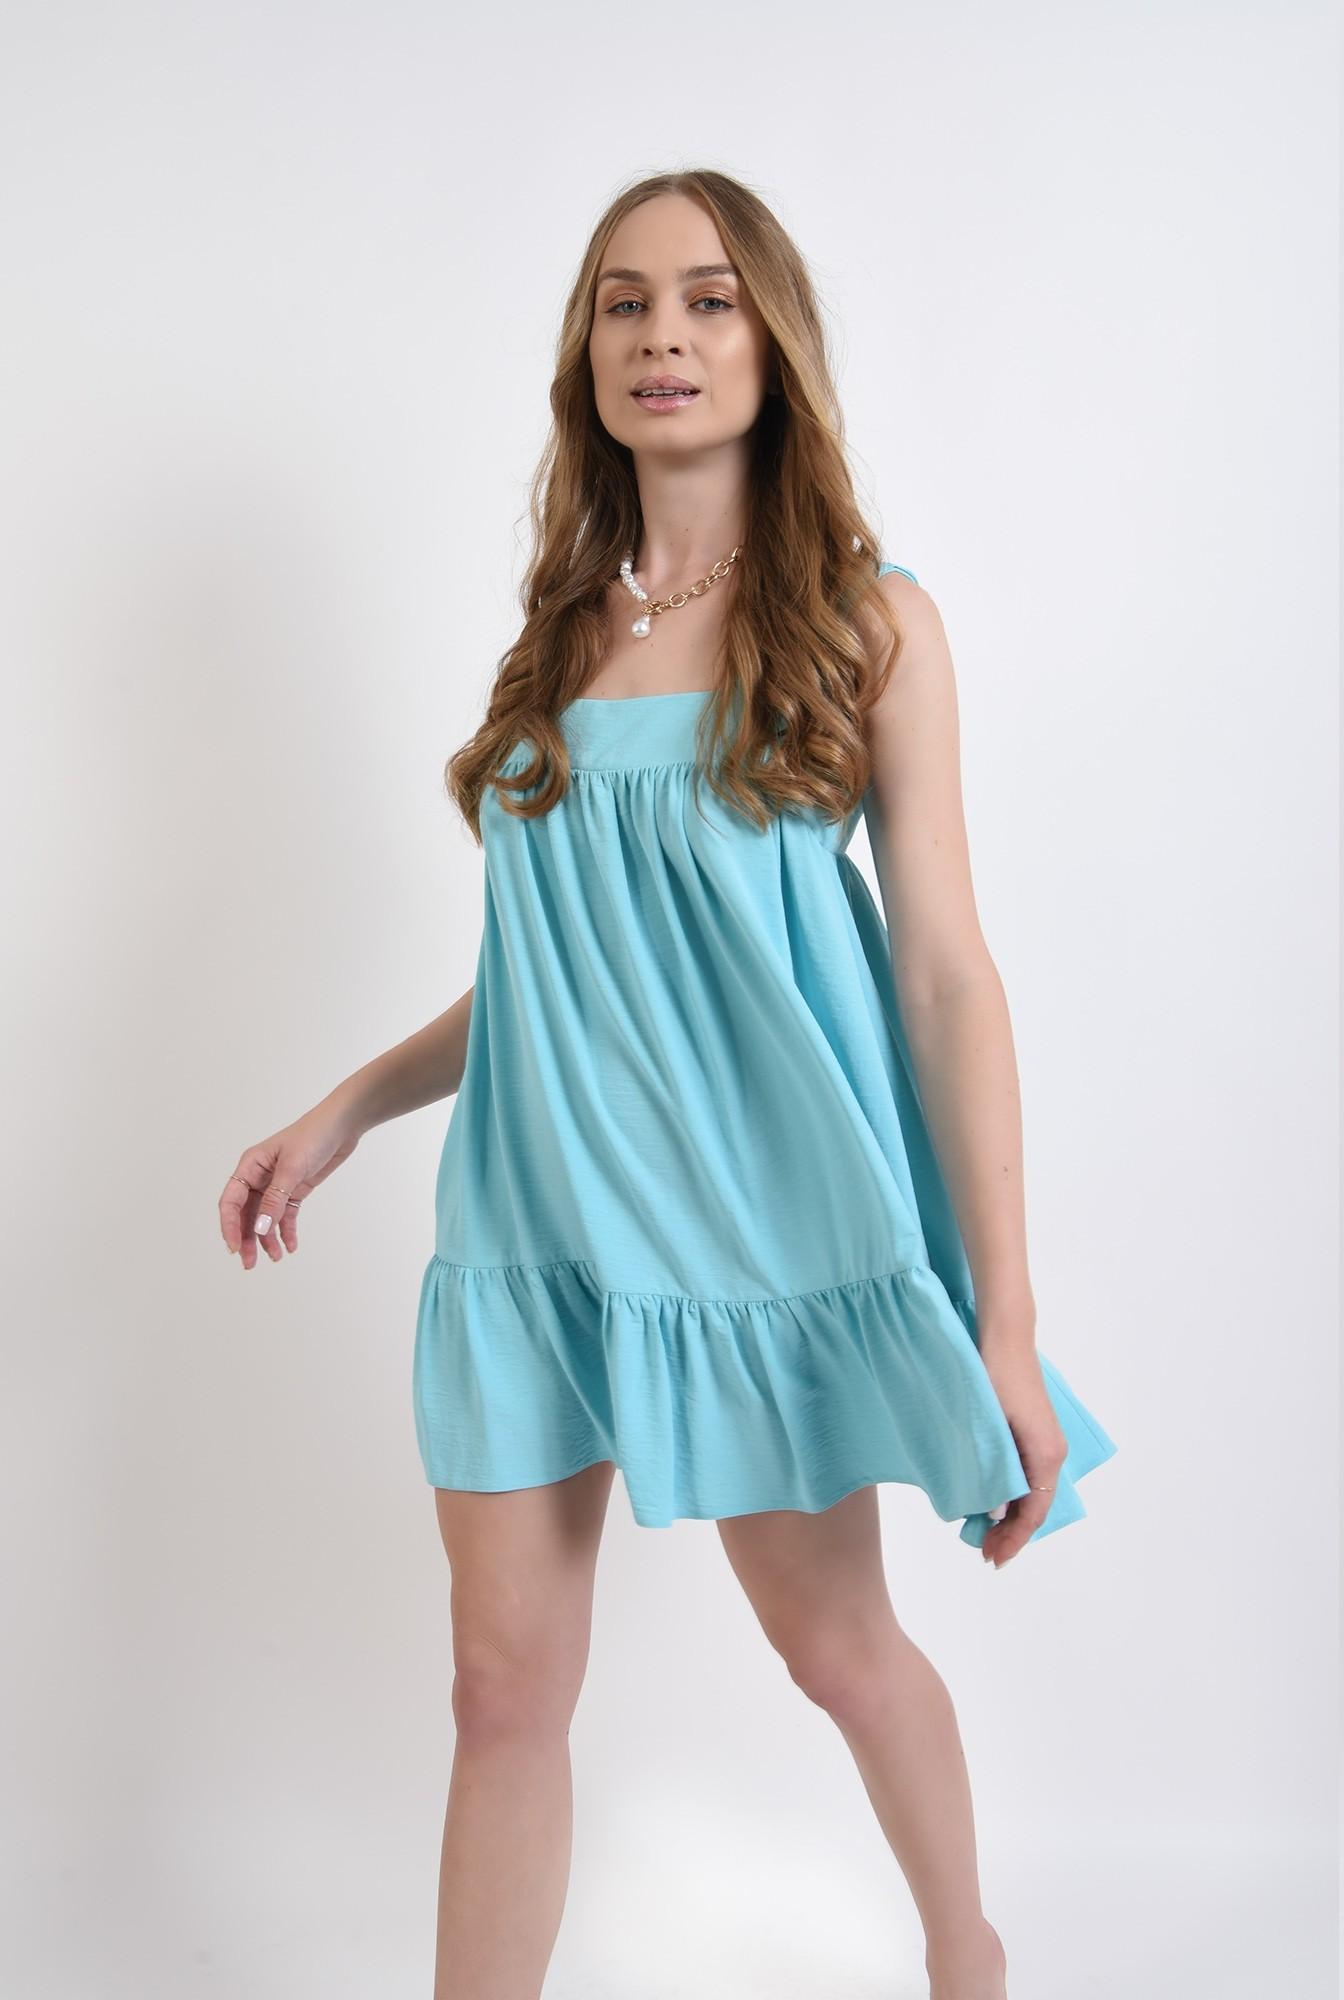 2 - rochie scurta, aqua, cu decolteu geometric